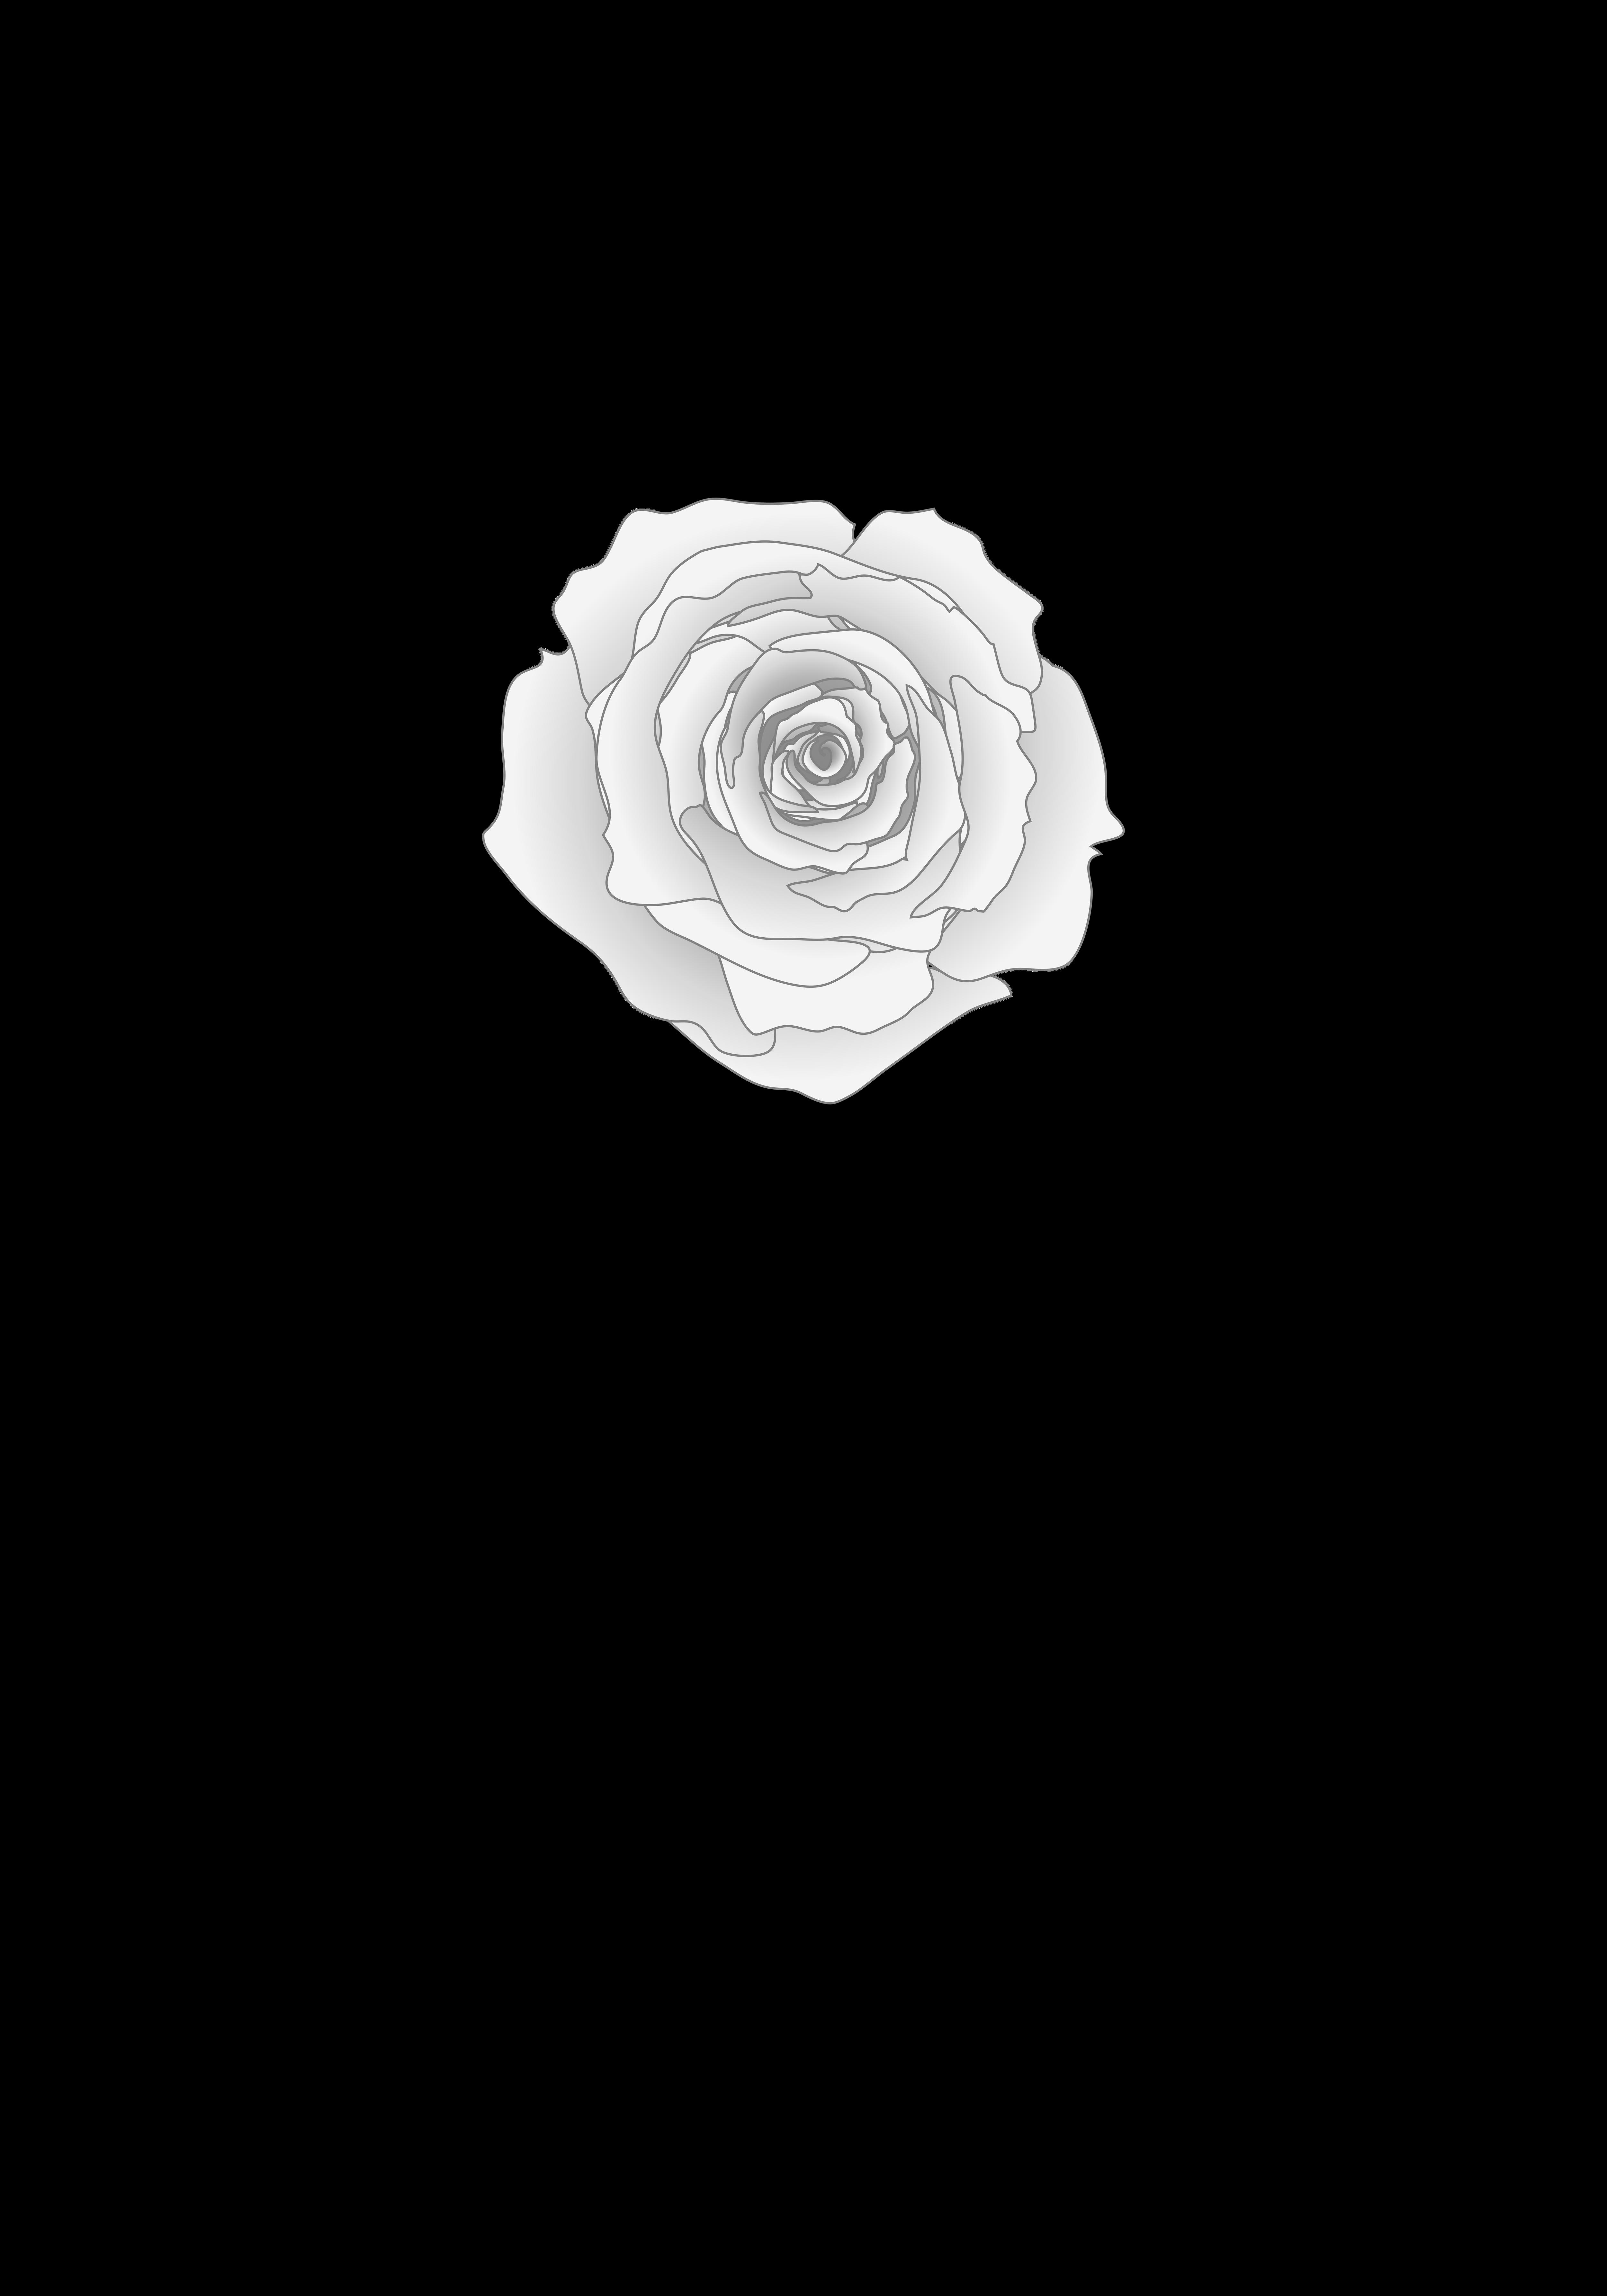 Rosycross.png